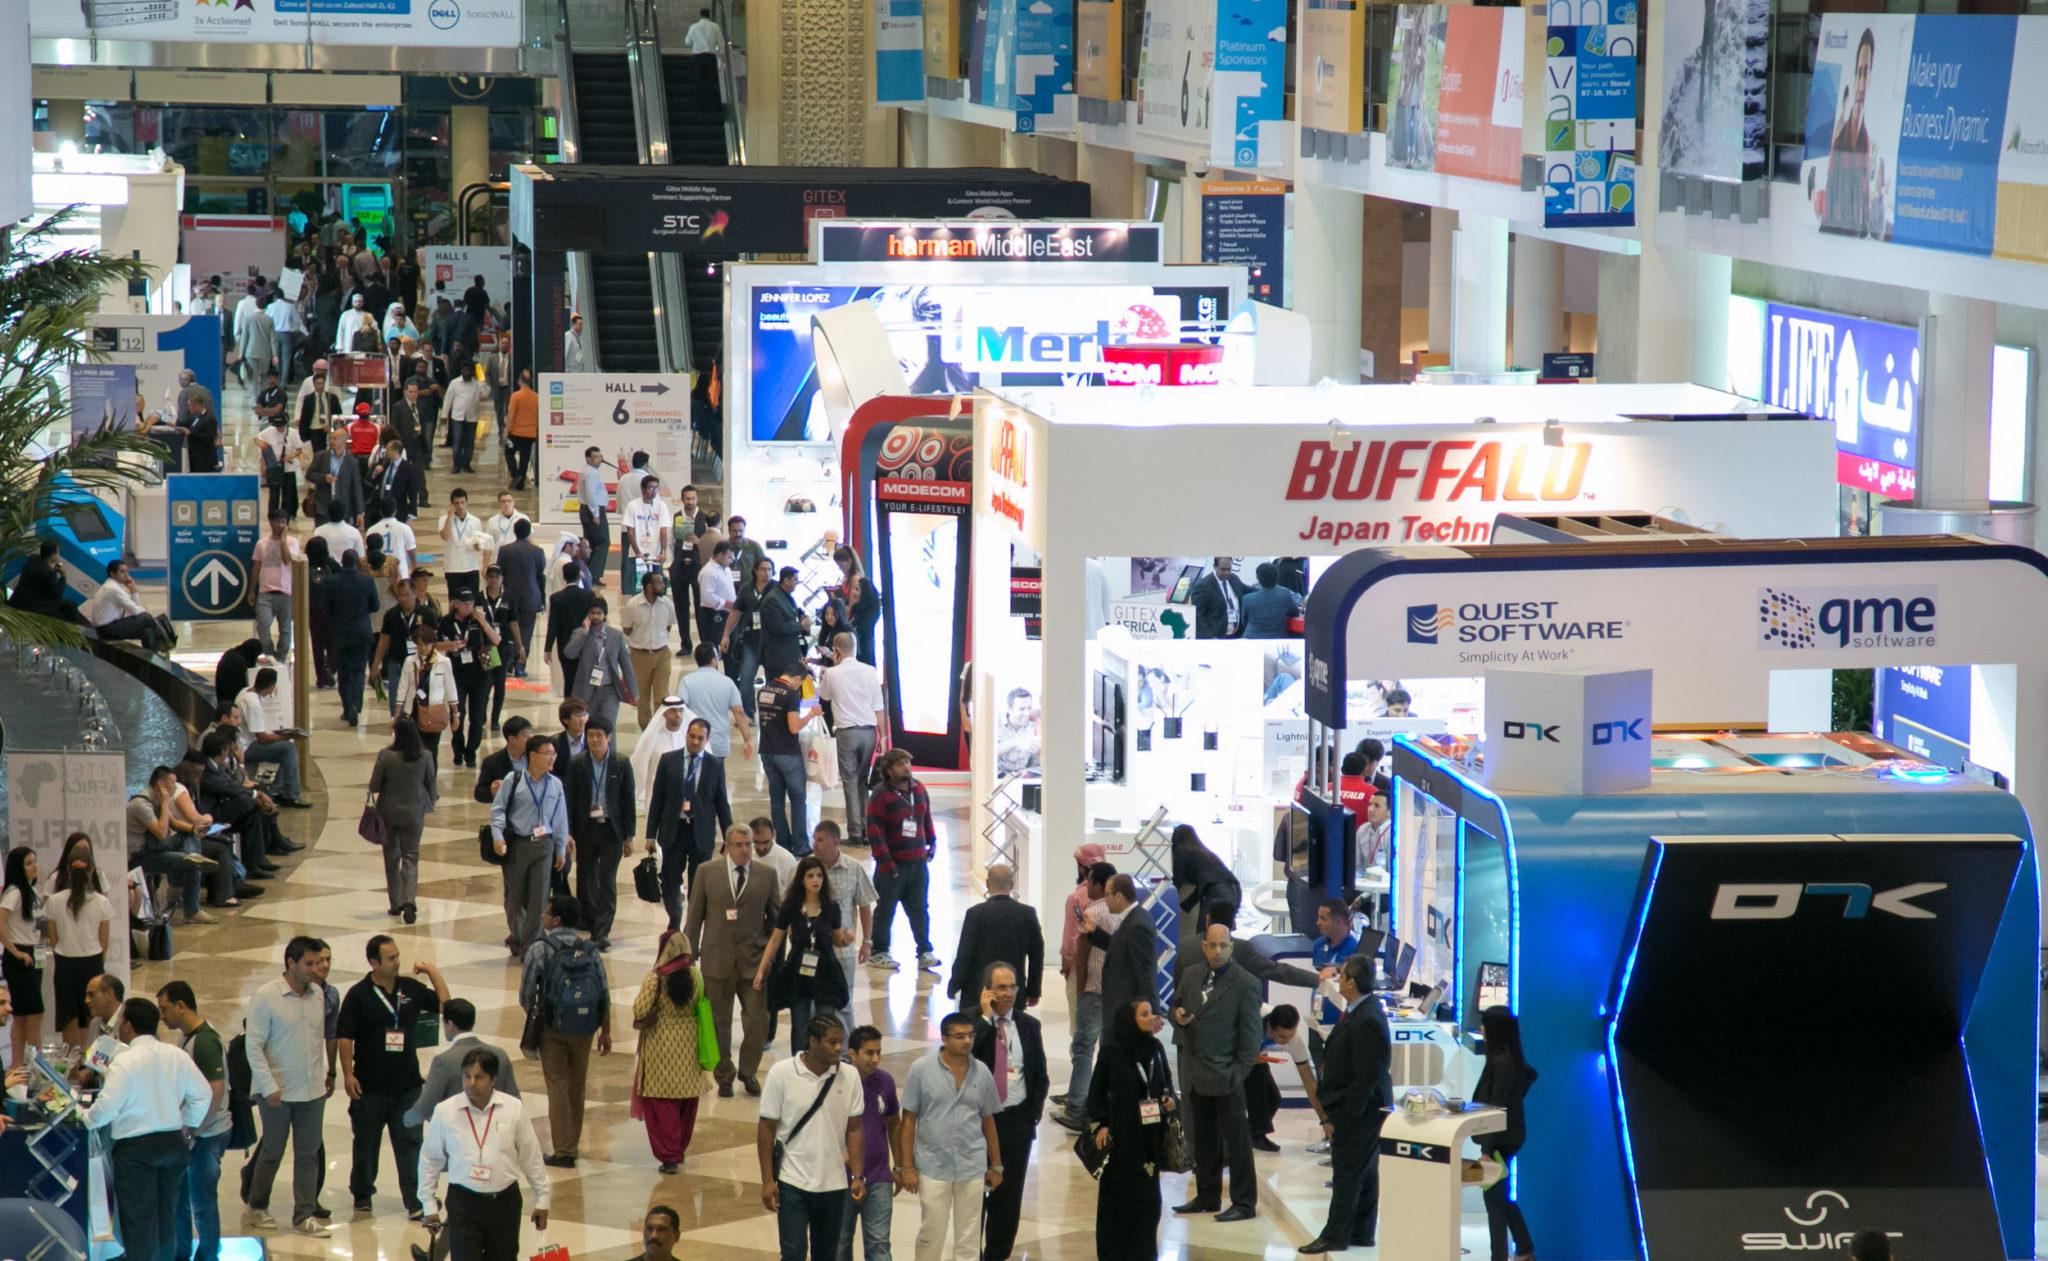 جيتكس من أهم المعارض التقنية في الشرق الأوسط وإفريقيا